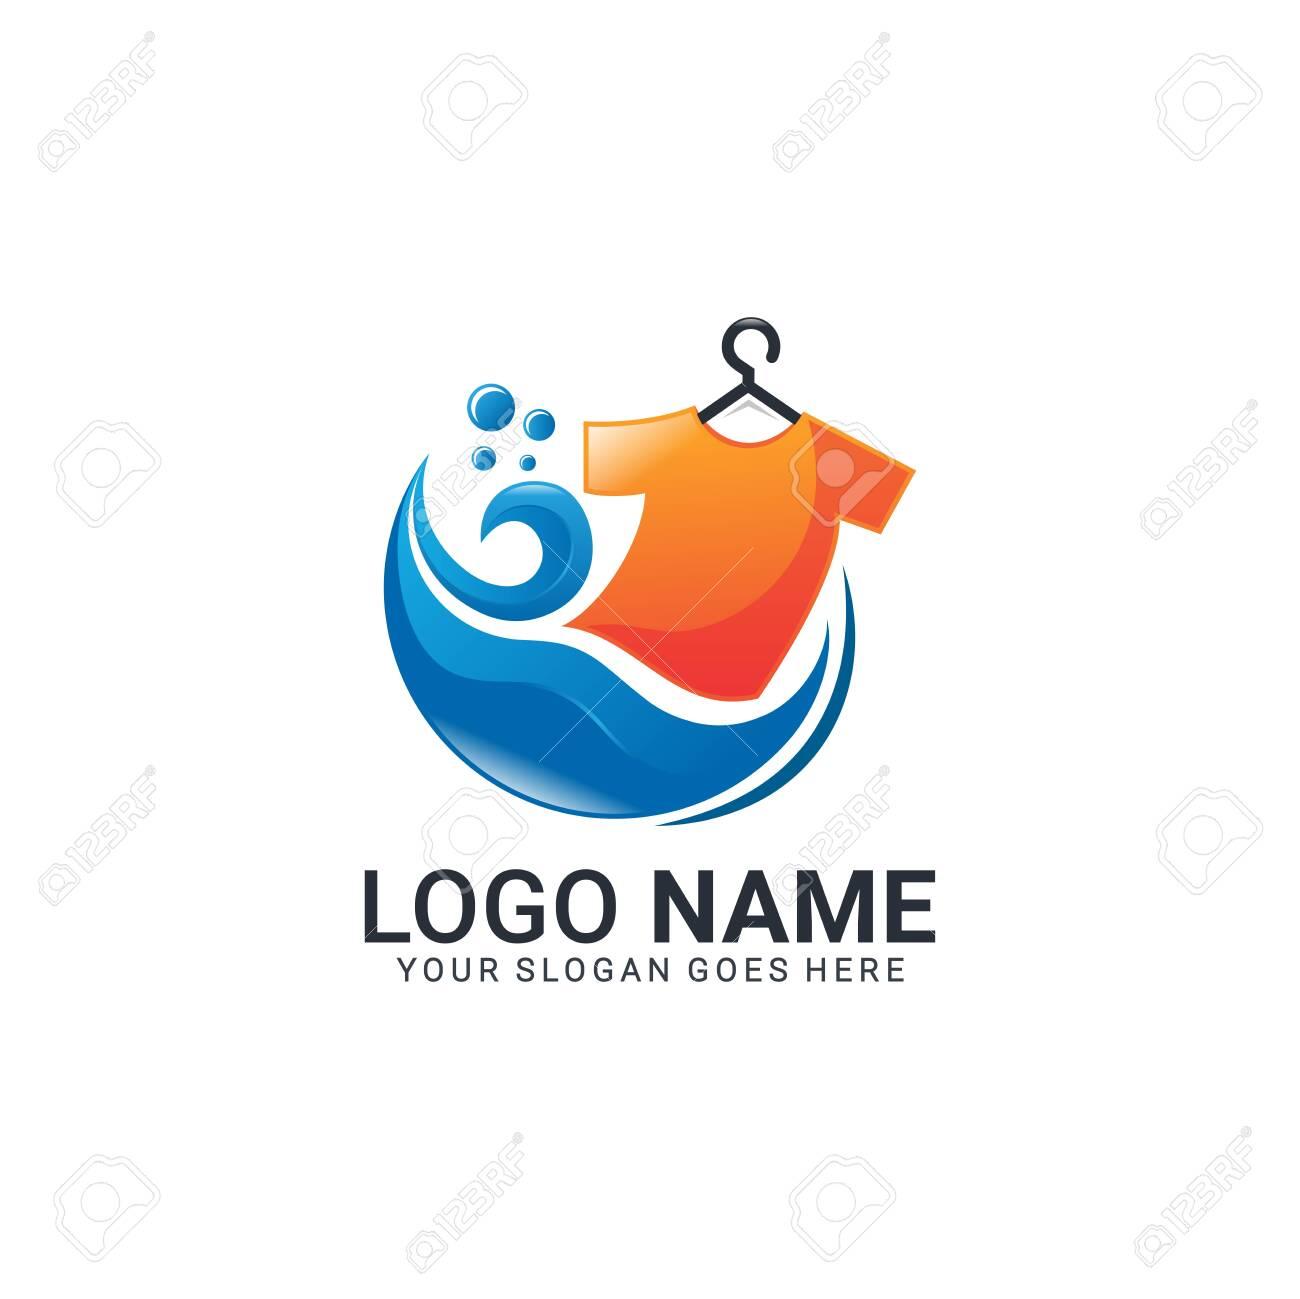 Modern laundry logo design. Editable logo design - 130991704